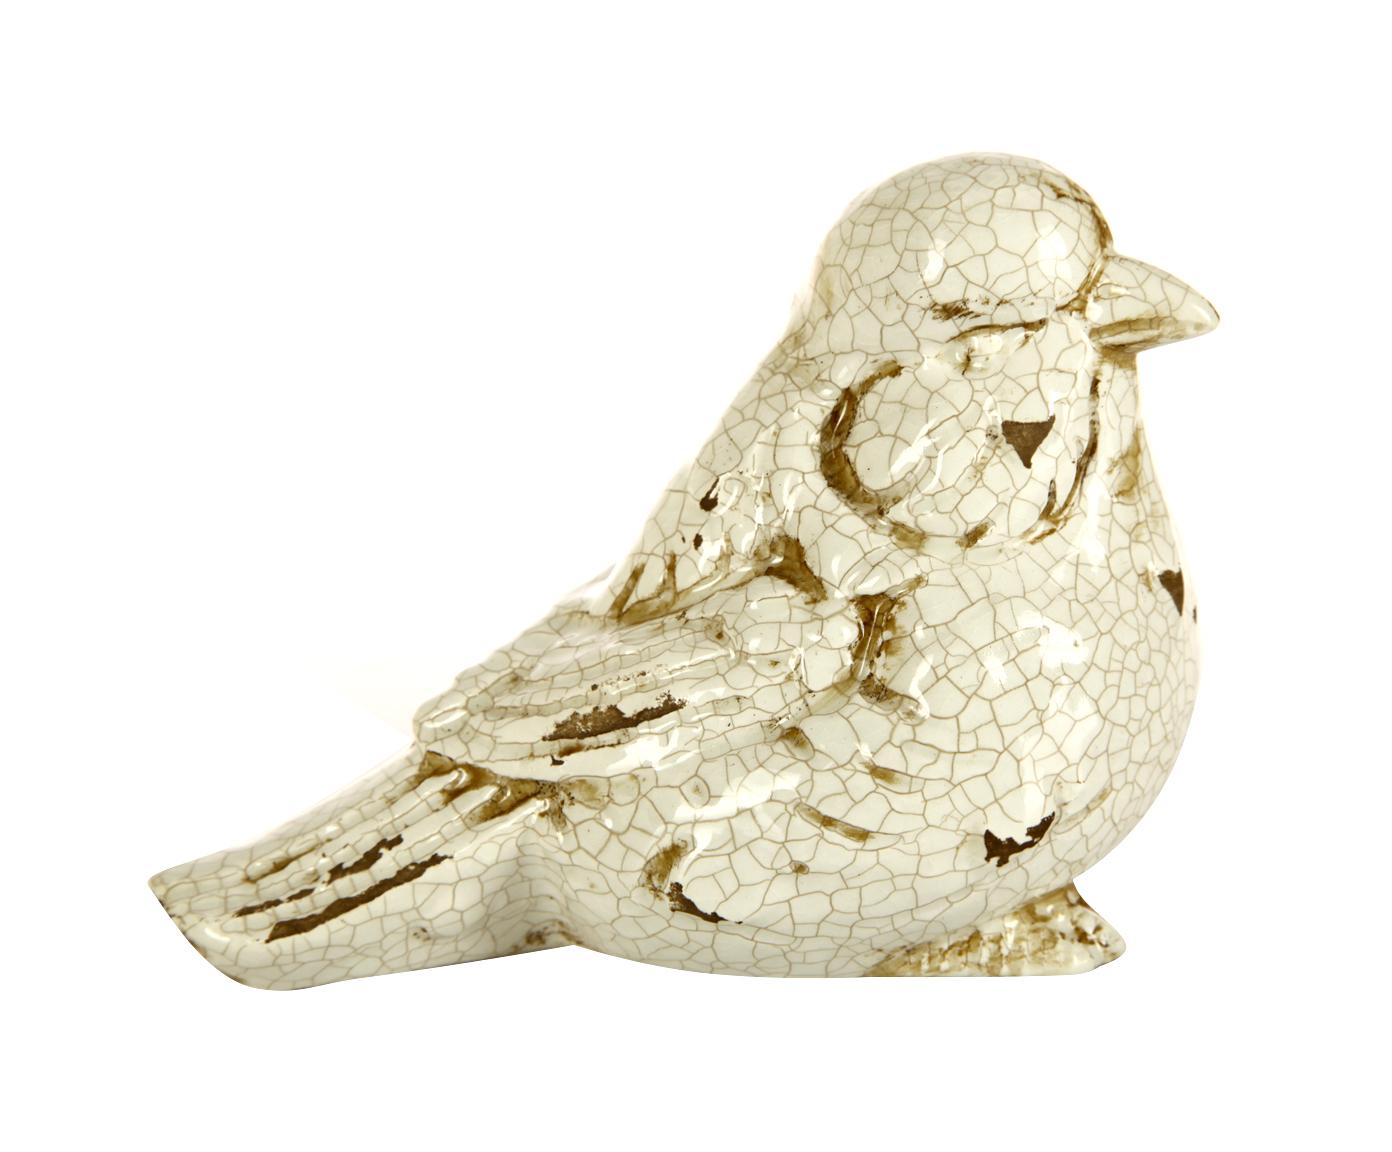 Статуэтки Элитная статуэтка Птичка Craquelure кремовый правый от Sporvil predmet-dekora-ptichka-craquelure-kremovyy-pravyy-ot-sporvil-potrugaliya.jpg